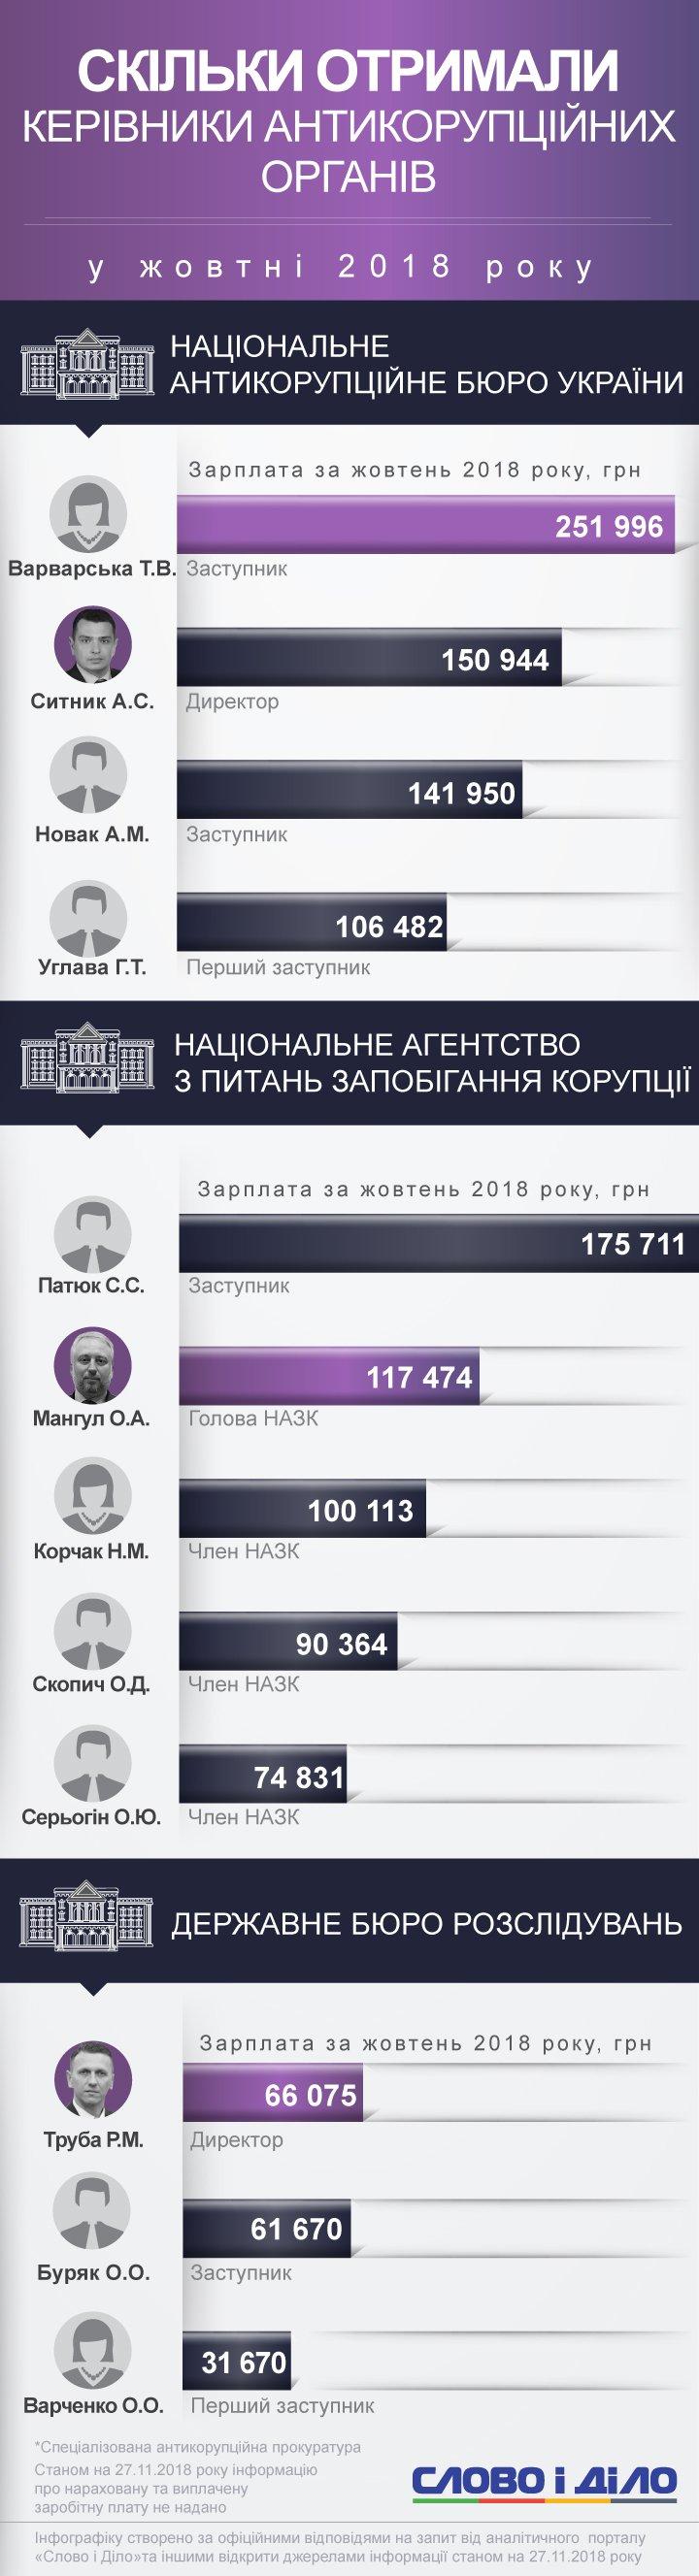 Среди антикоррупционеров больше всего заработала заместитель главы НАБУ Варварская – почти 252 тысячи гривен.